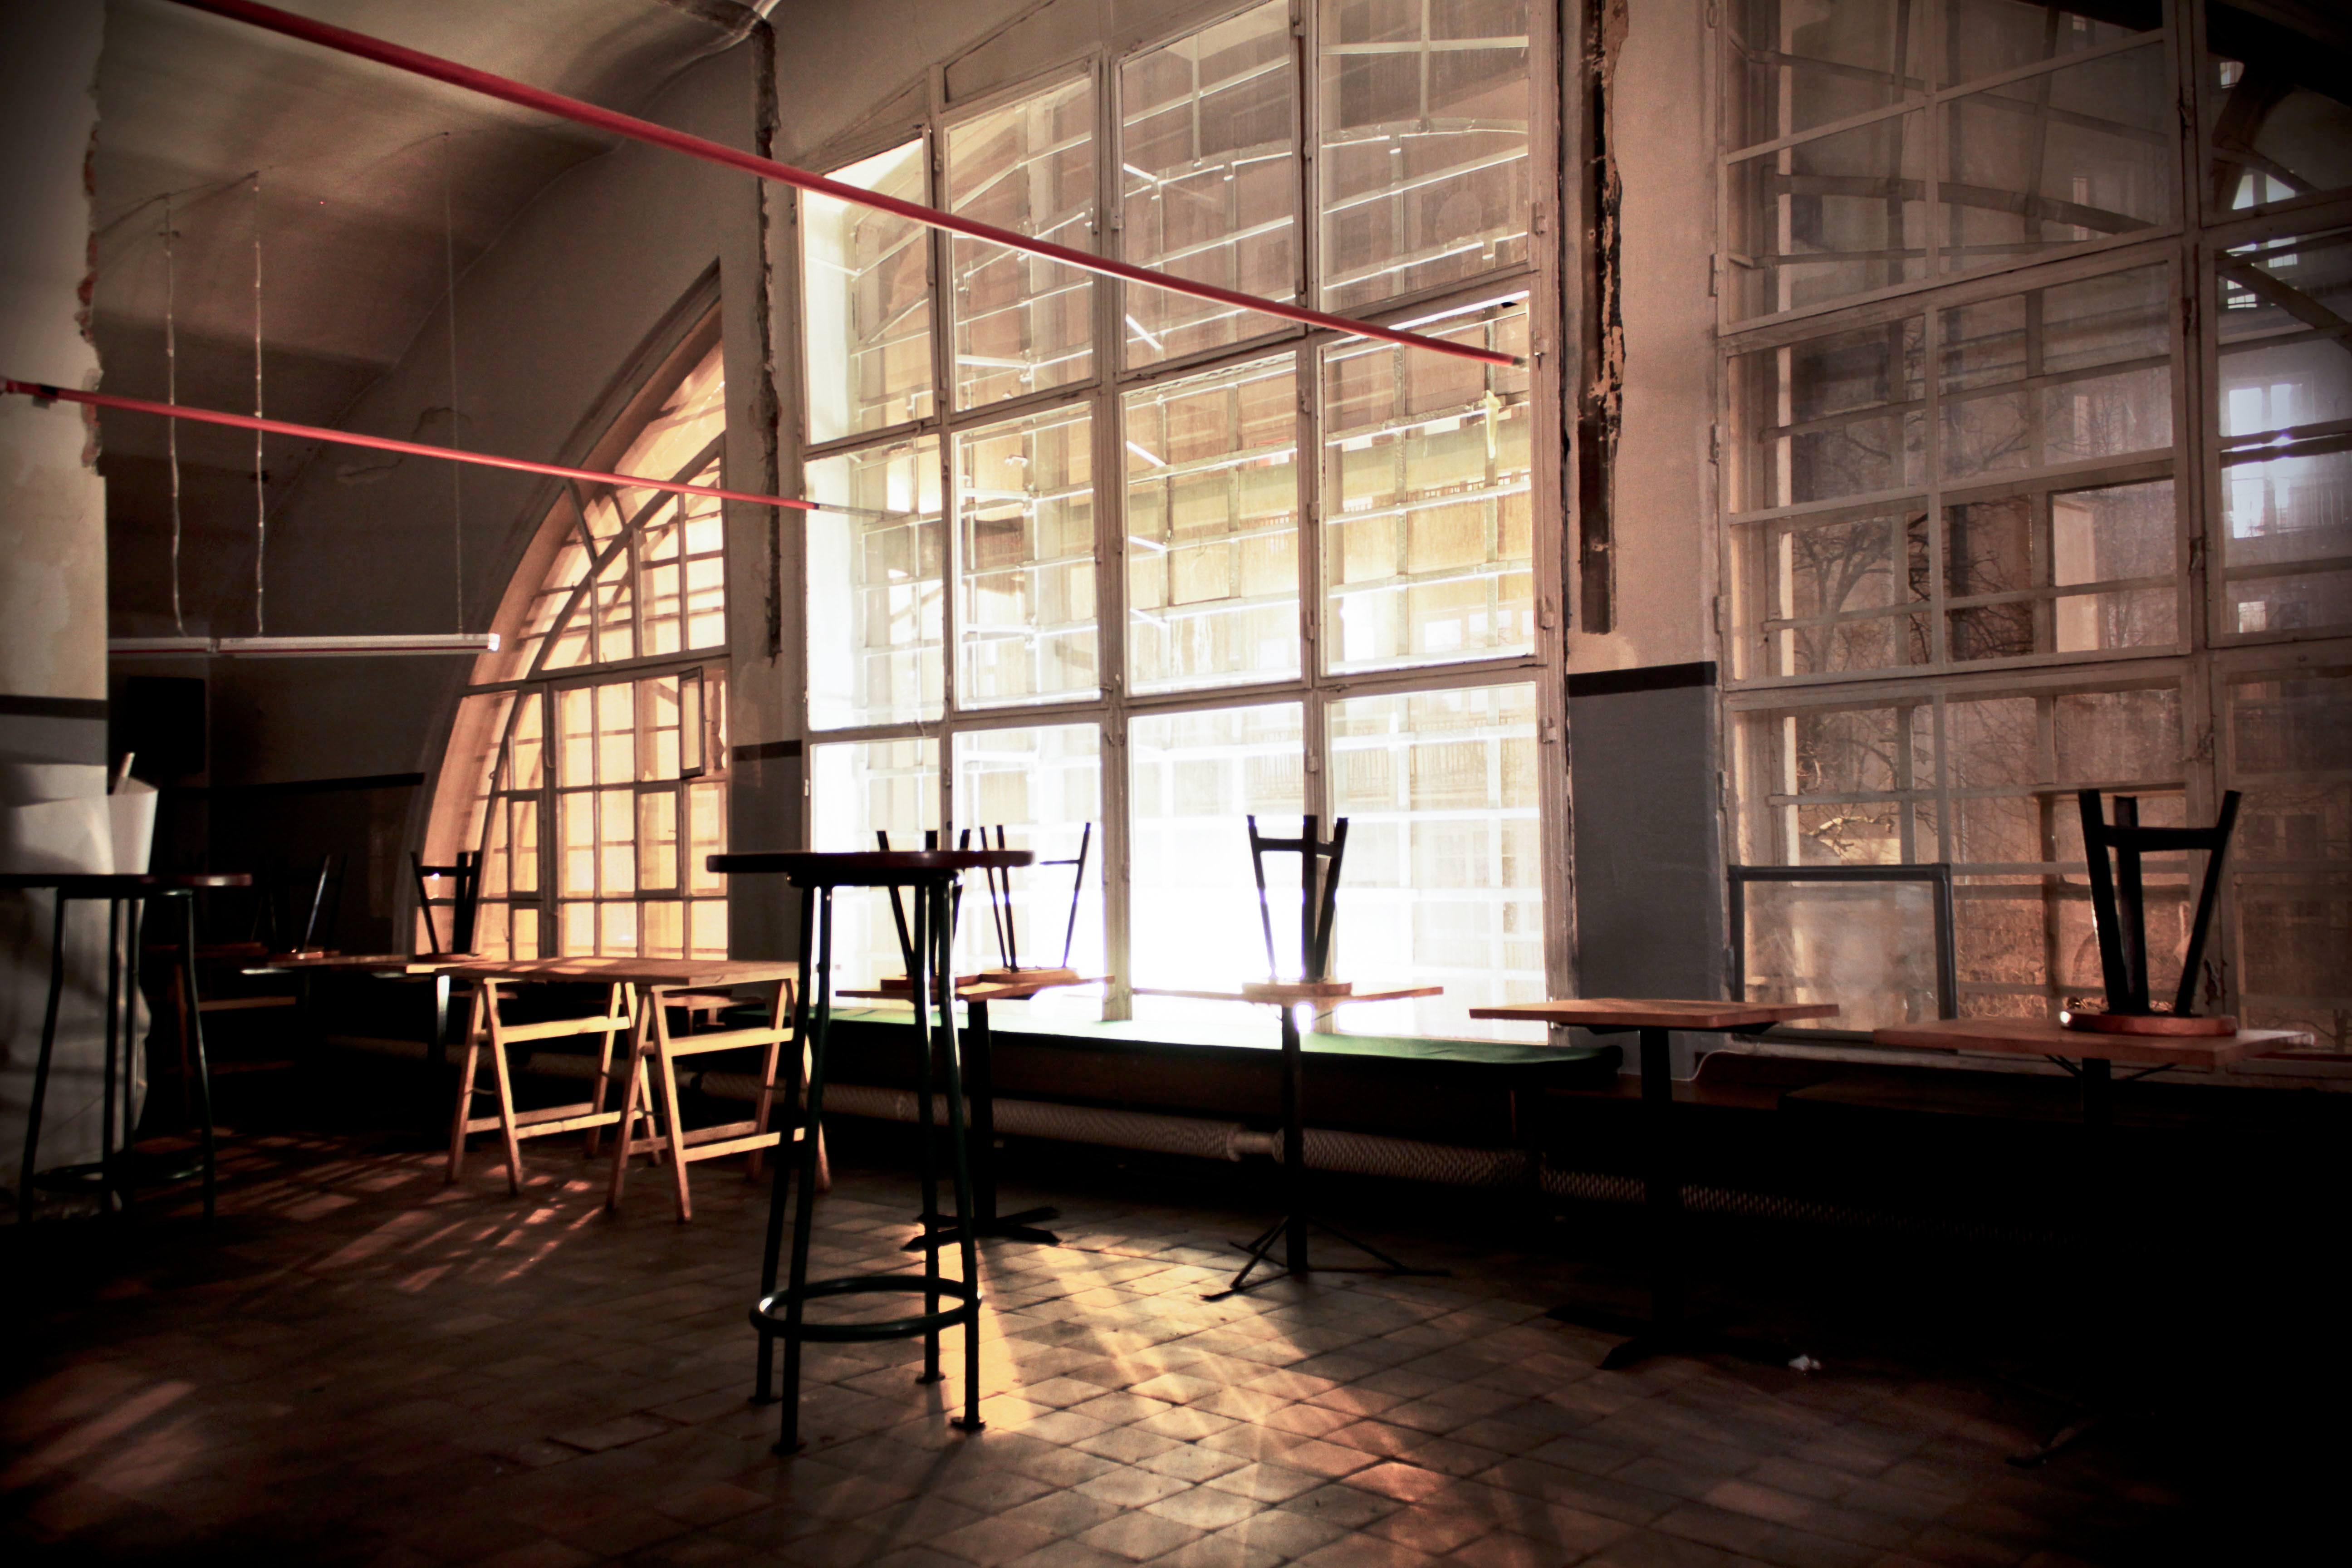 Wieczorem, po zamknięciu bazaru, czynny jest bar serwujący drobne przekąski i drinki. fot. Eliza Ziemińska